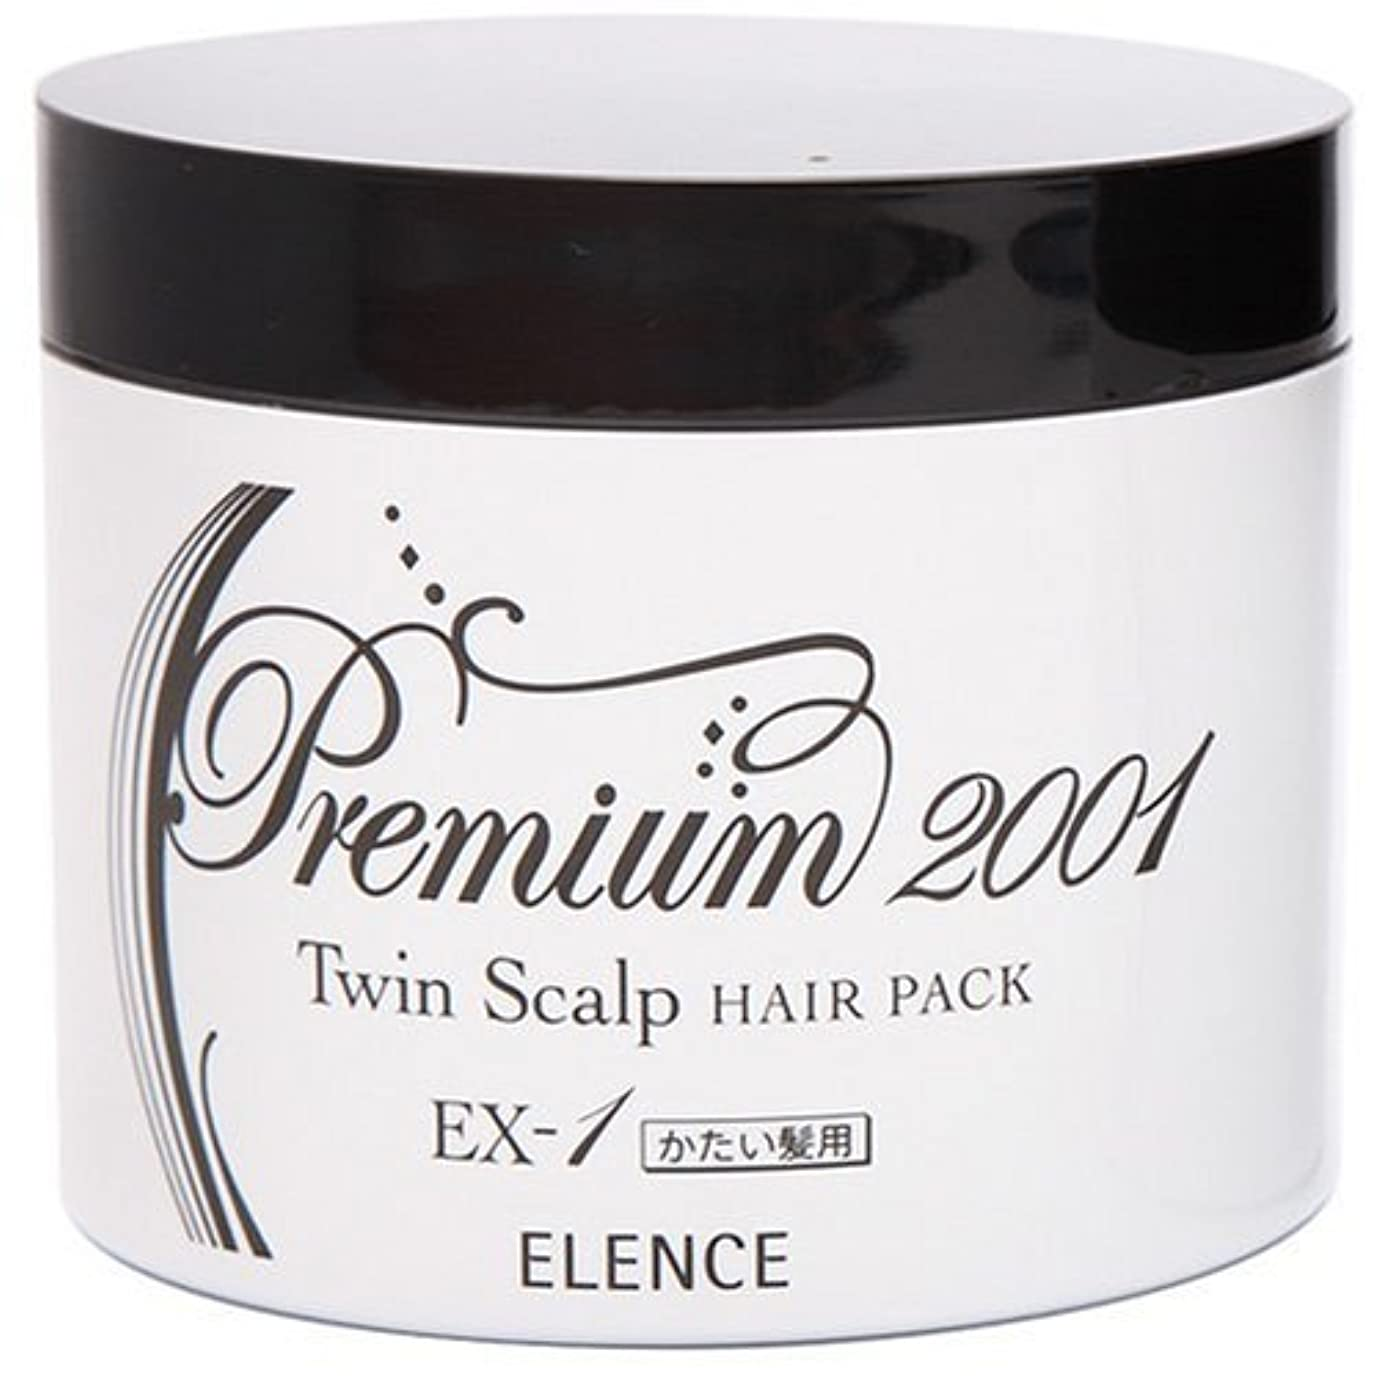 によって発症マリナーエレンス2001 ツインスキャルプヘアパックEX-1(かたい髪用)